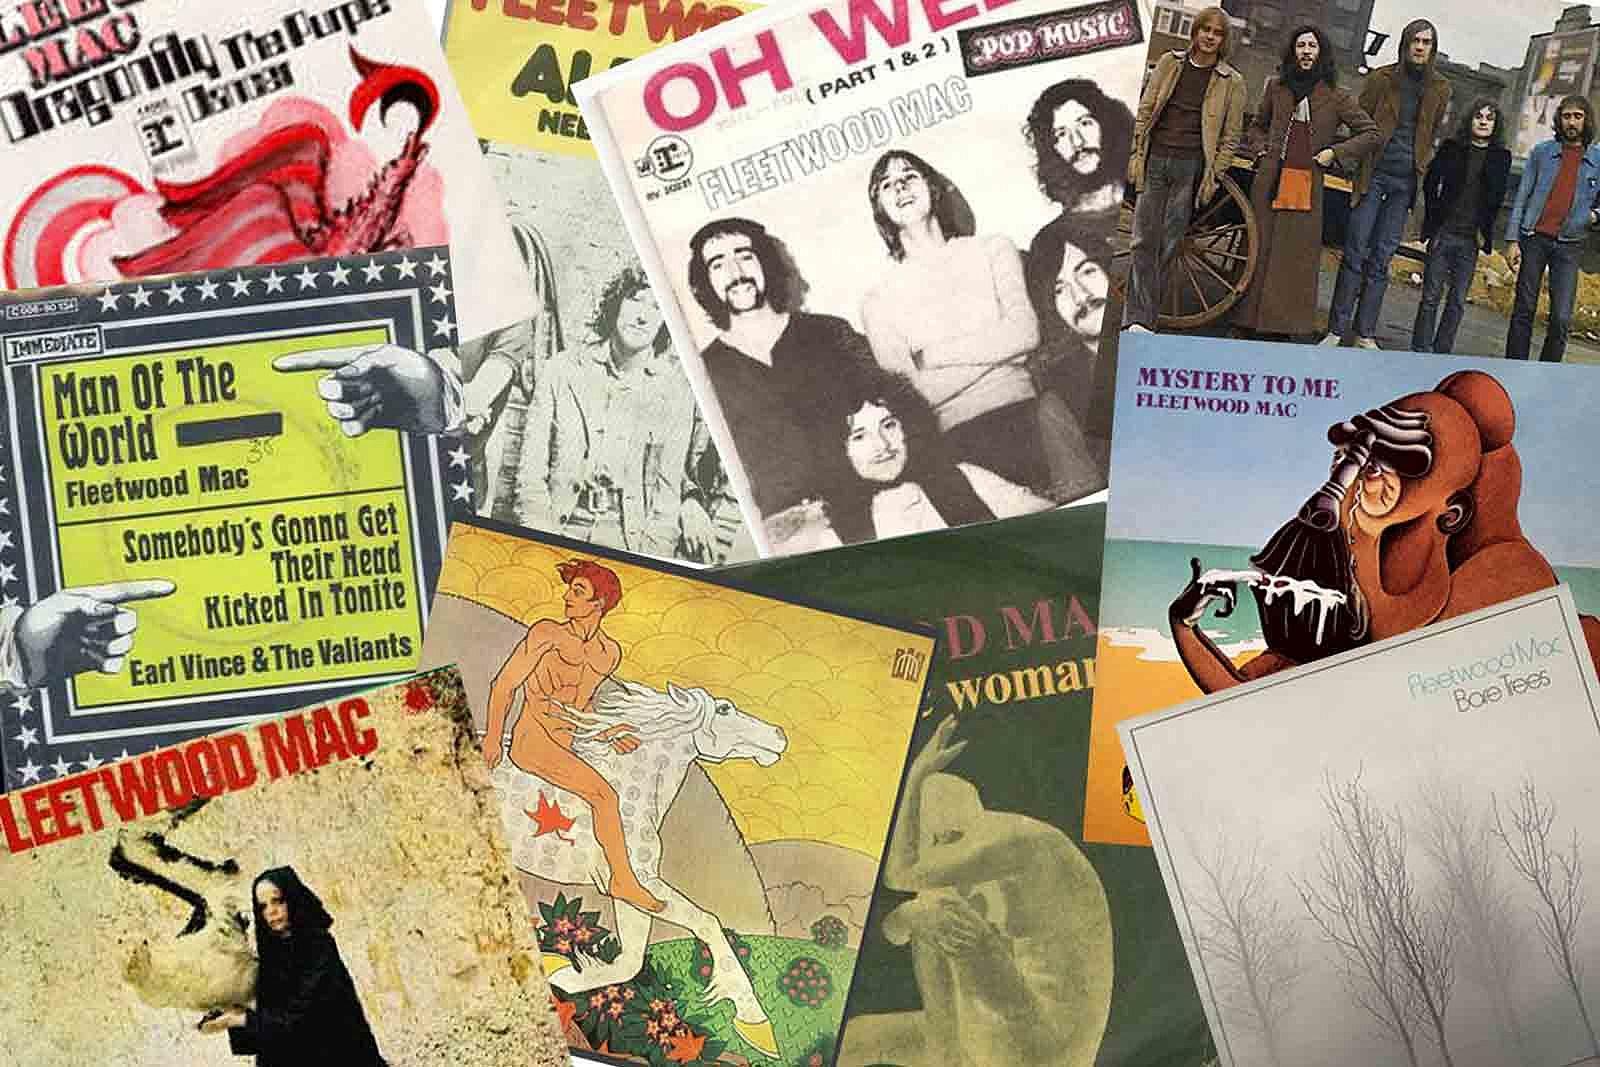 Top 10 Pre-Lindsey Buckingham-Stevie Nicks Fleetwood Mac Songs